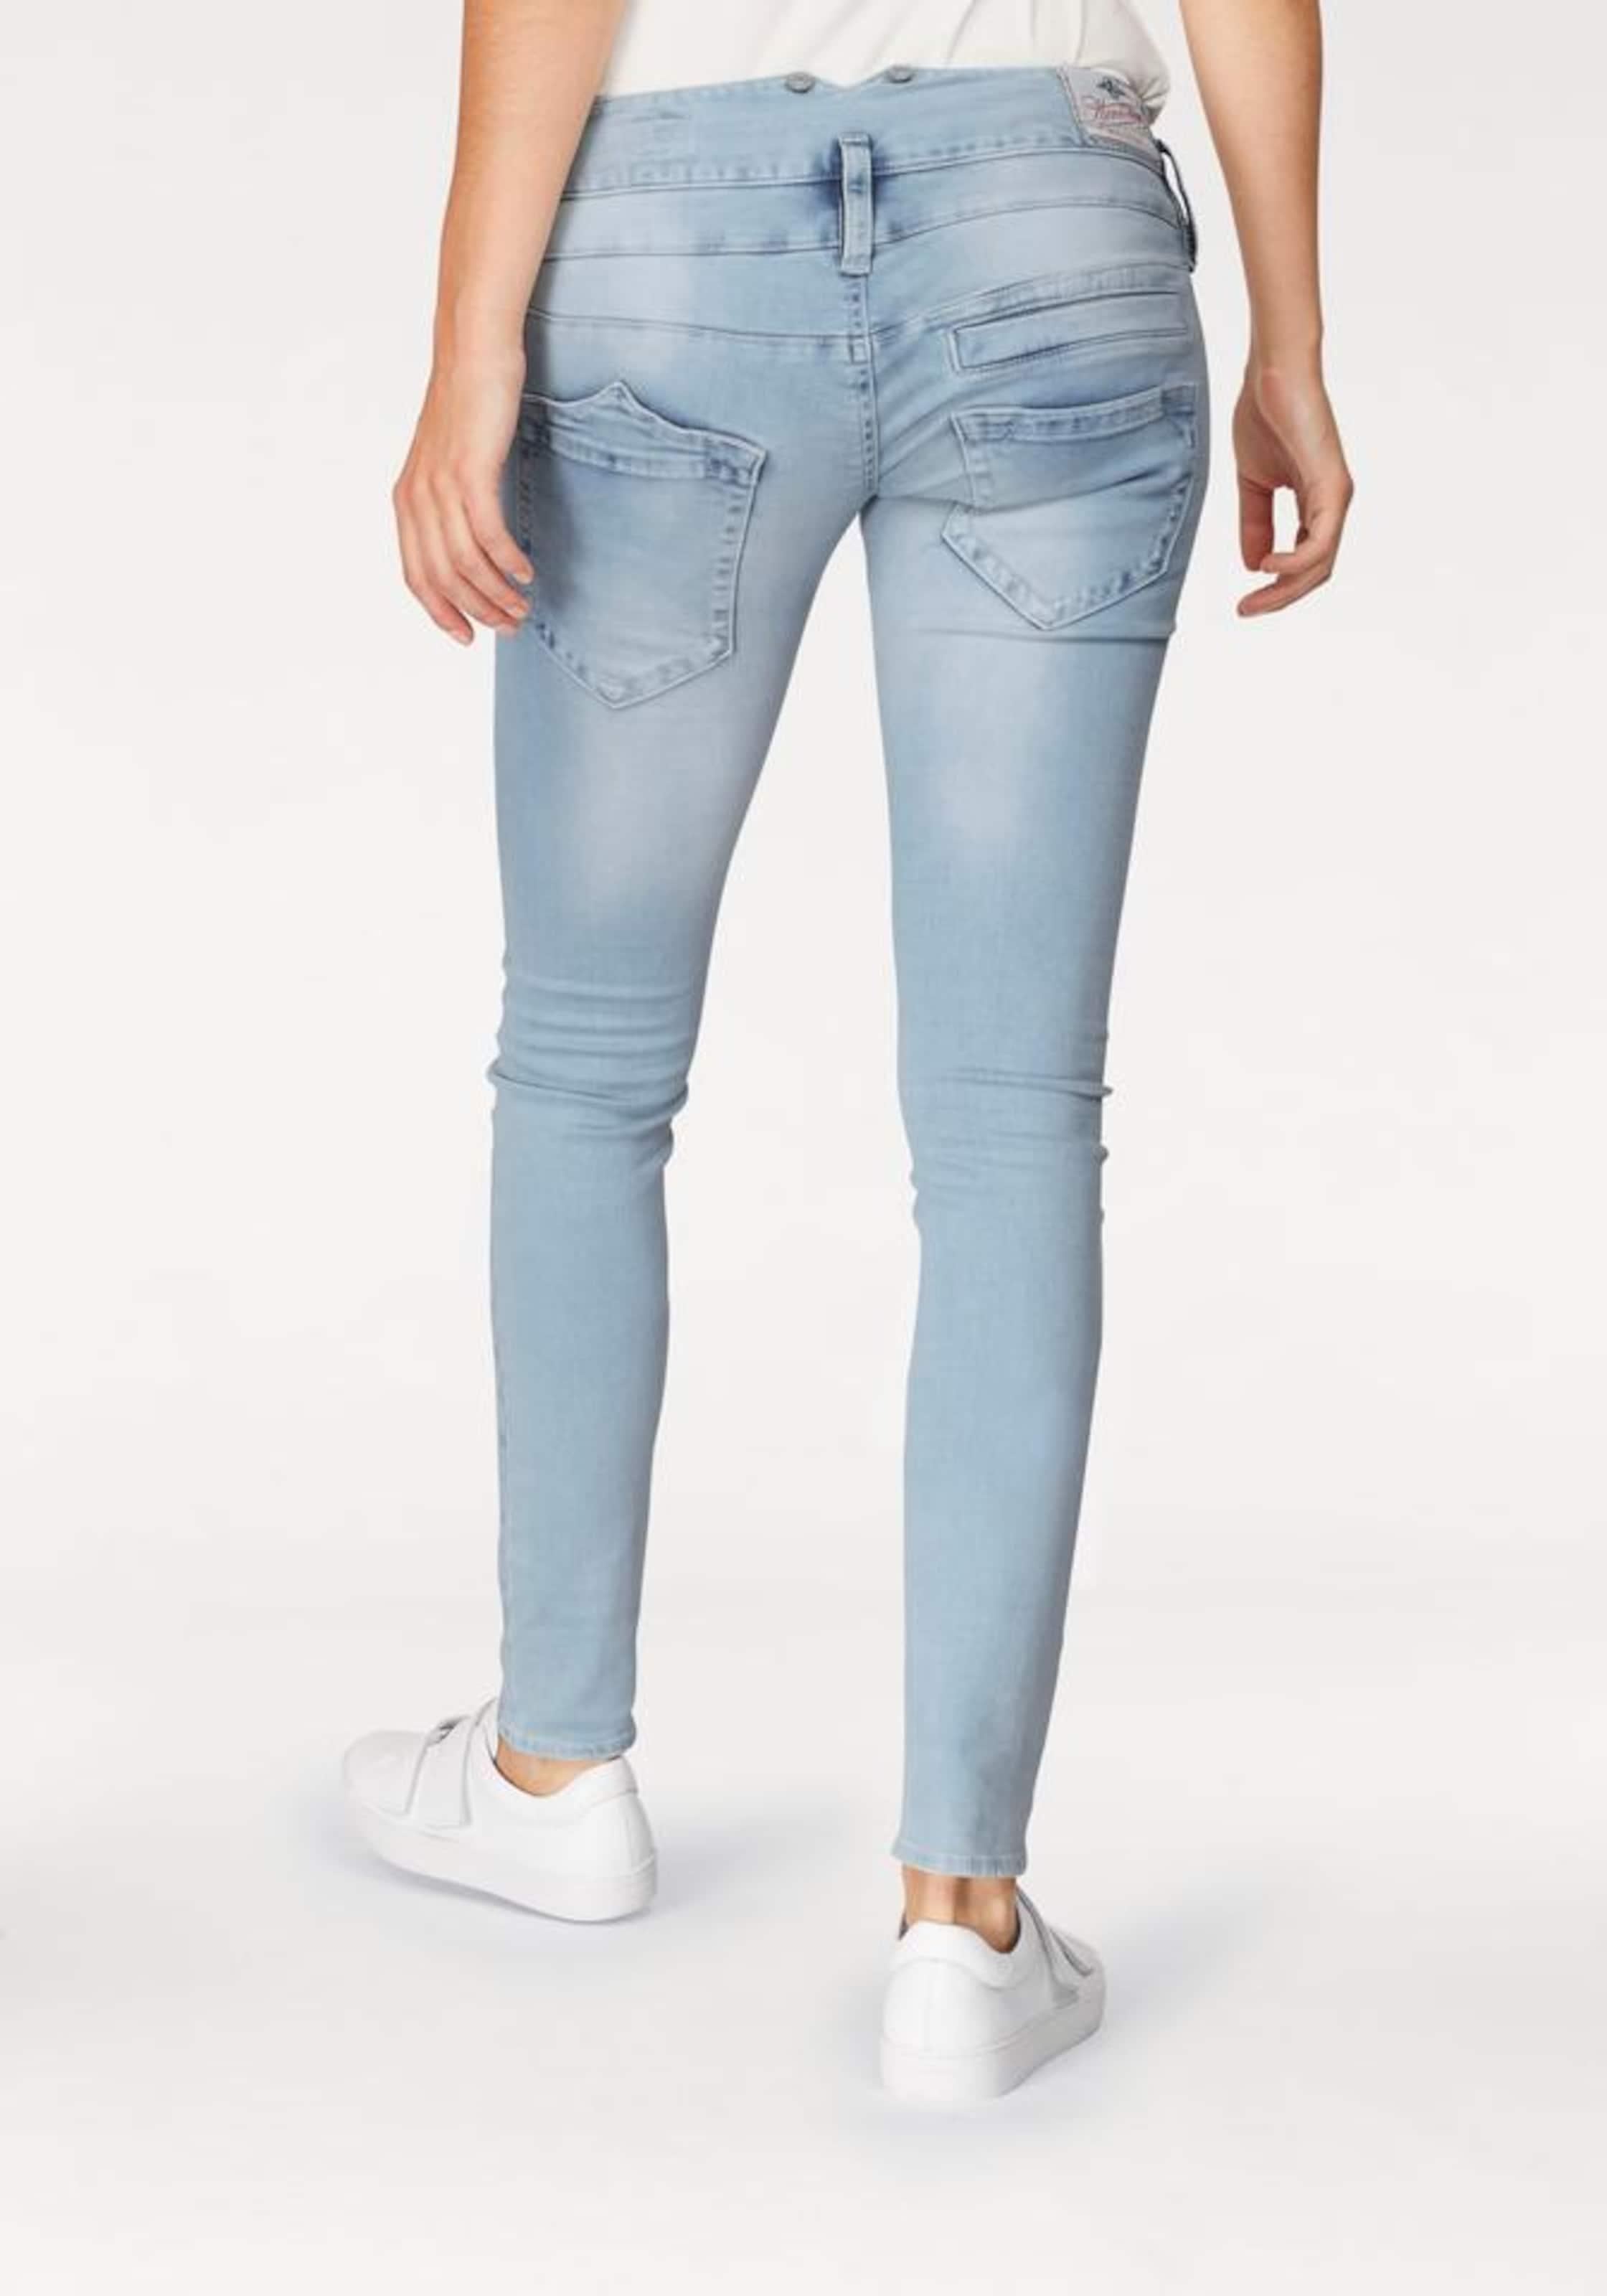 Billige Schnelle Lieferung Spielraum Günstig Online Echt Herrlicher Slim-fit-Jeans 'Pitch Slim' Größte Anbieter Verkauf Online Wie Viel J1egg9